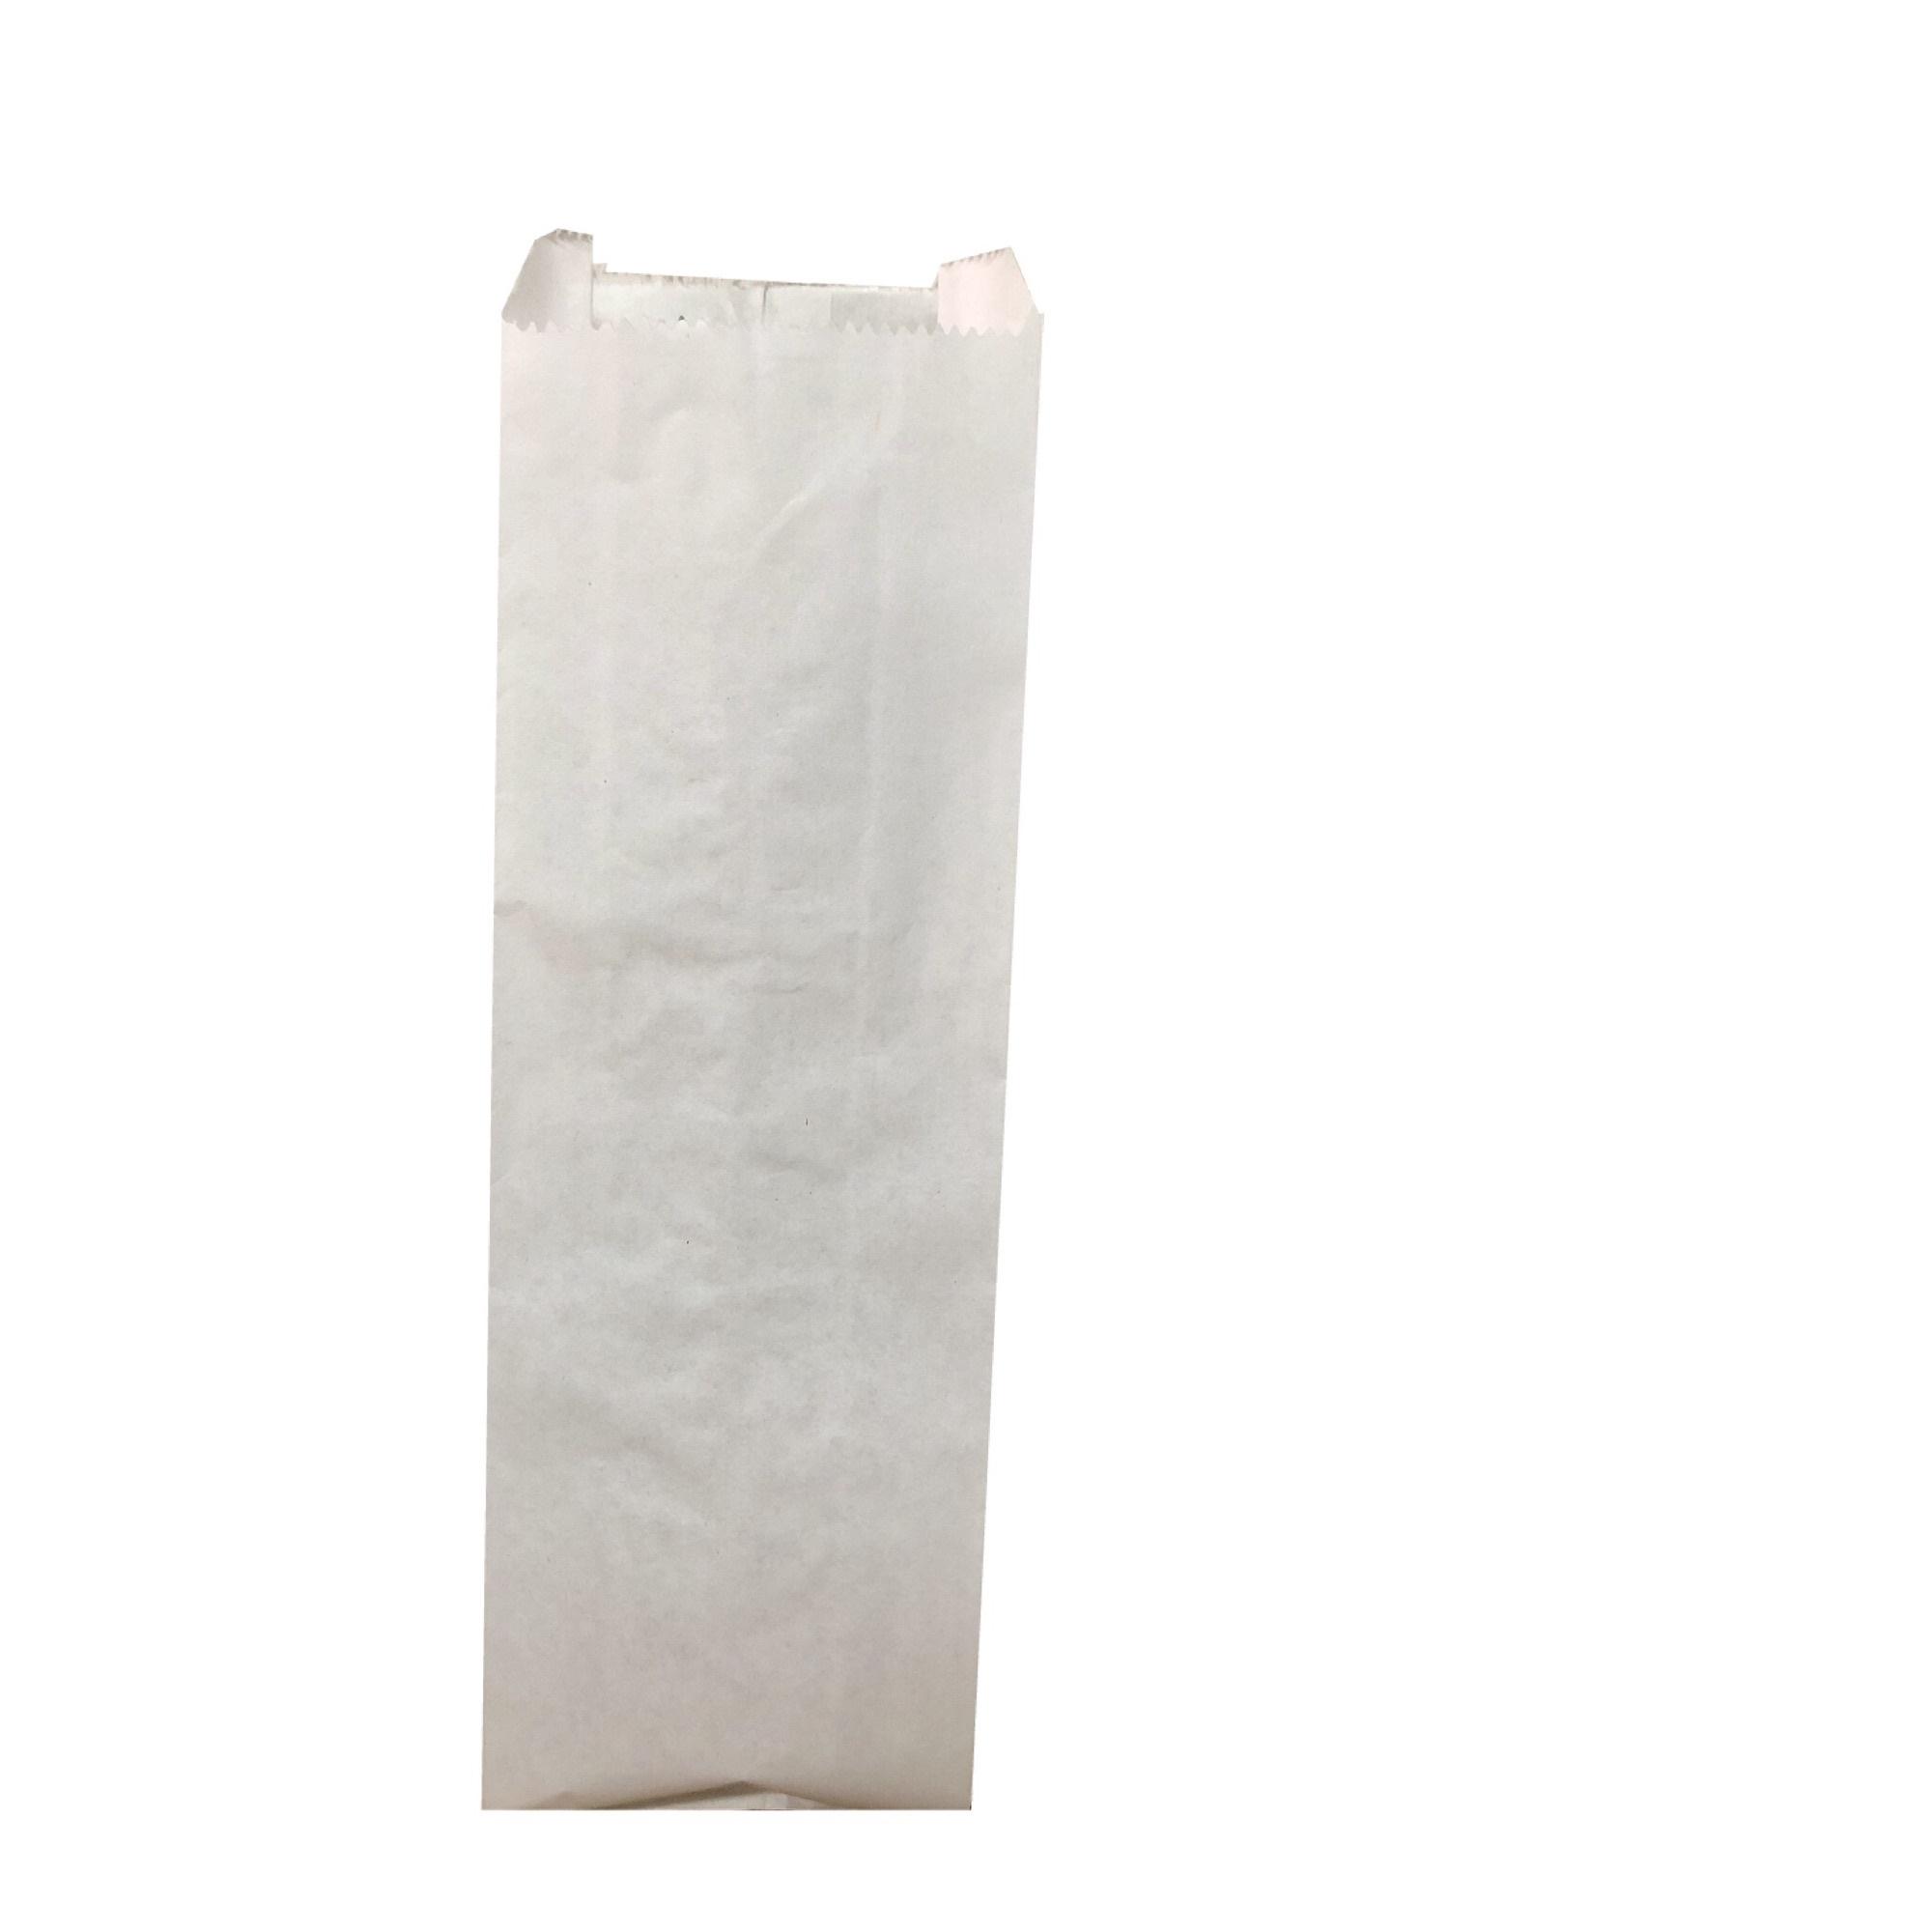 پاکت ساندویچ مدل B04 بسته 100 عددی